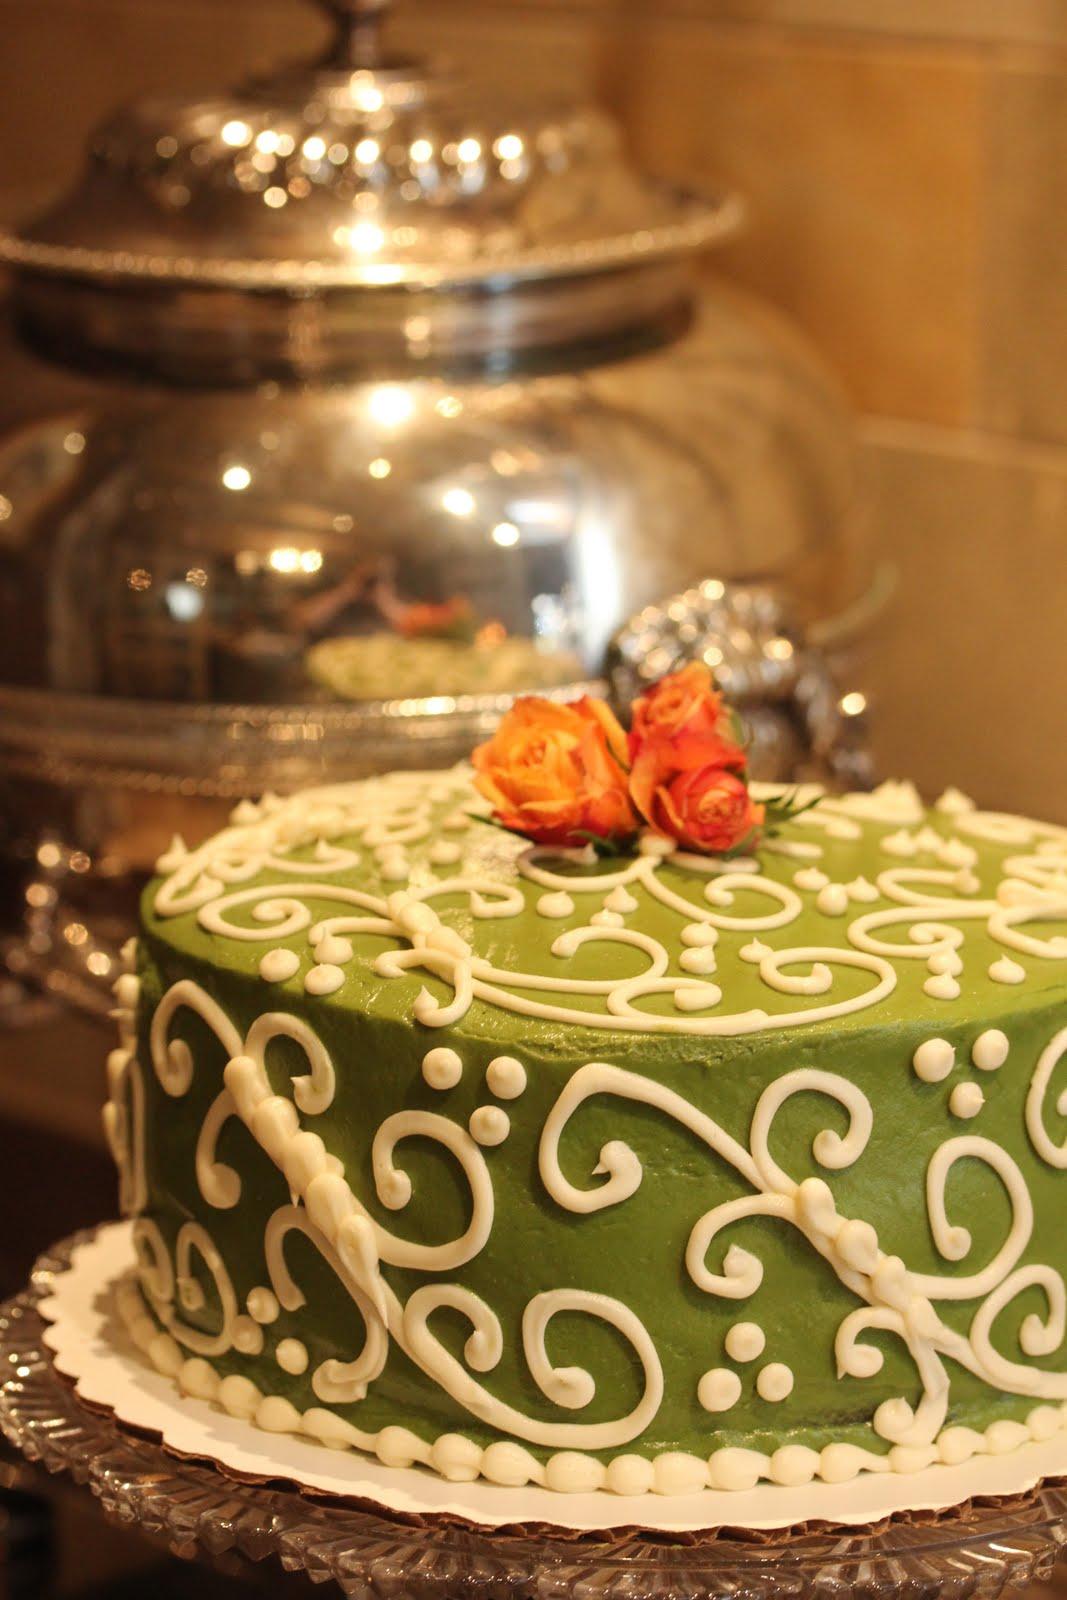 Mariano S Chocolate Cake